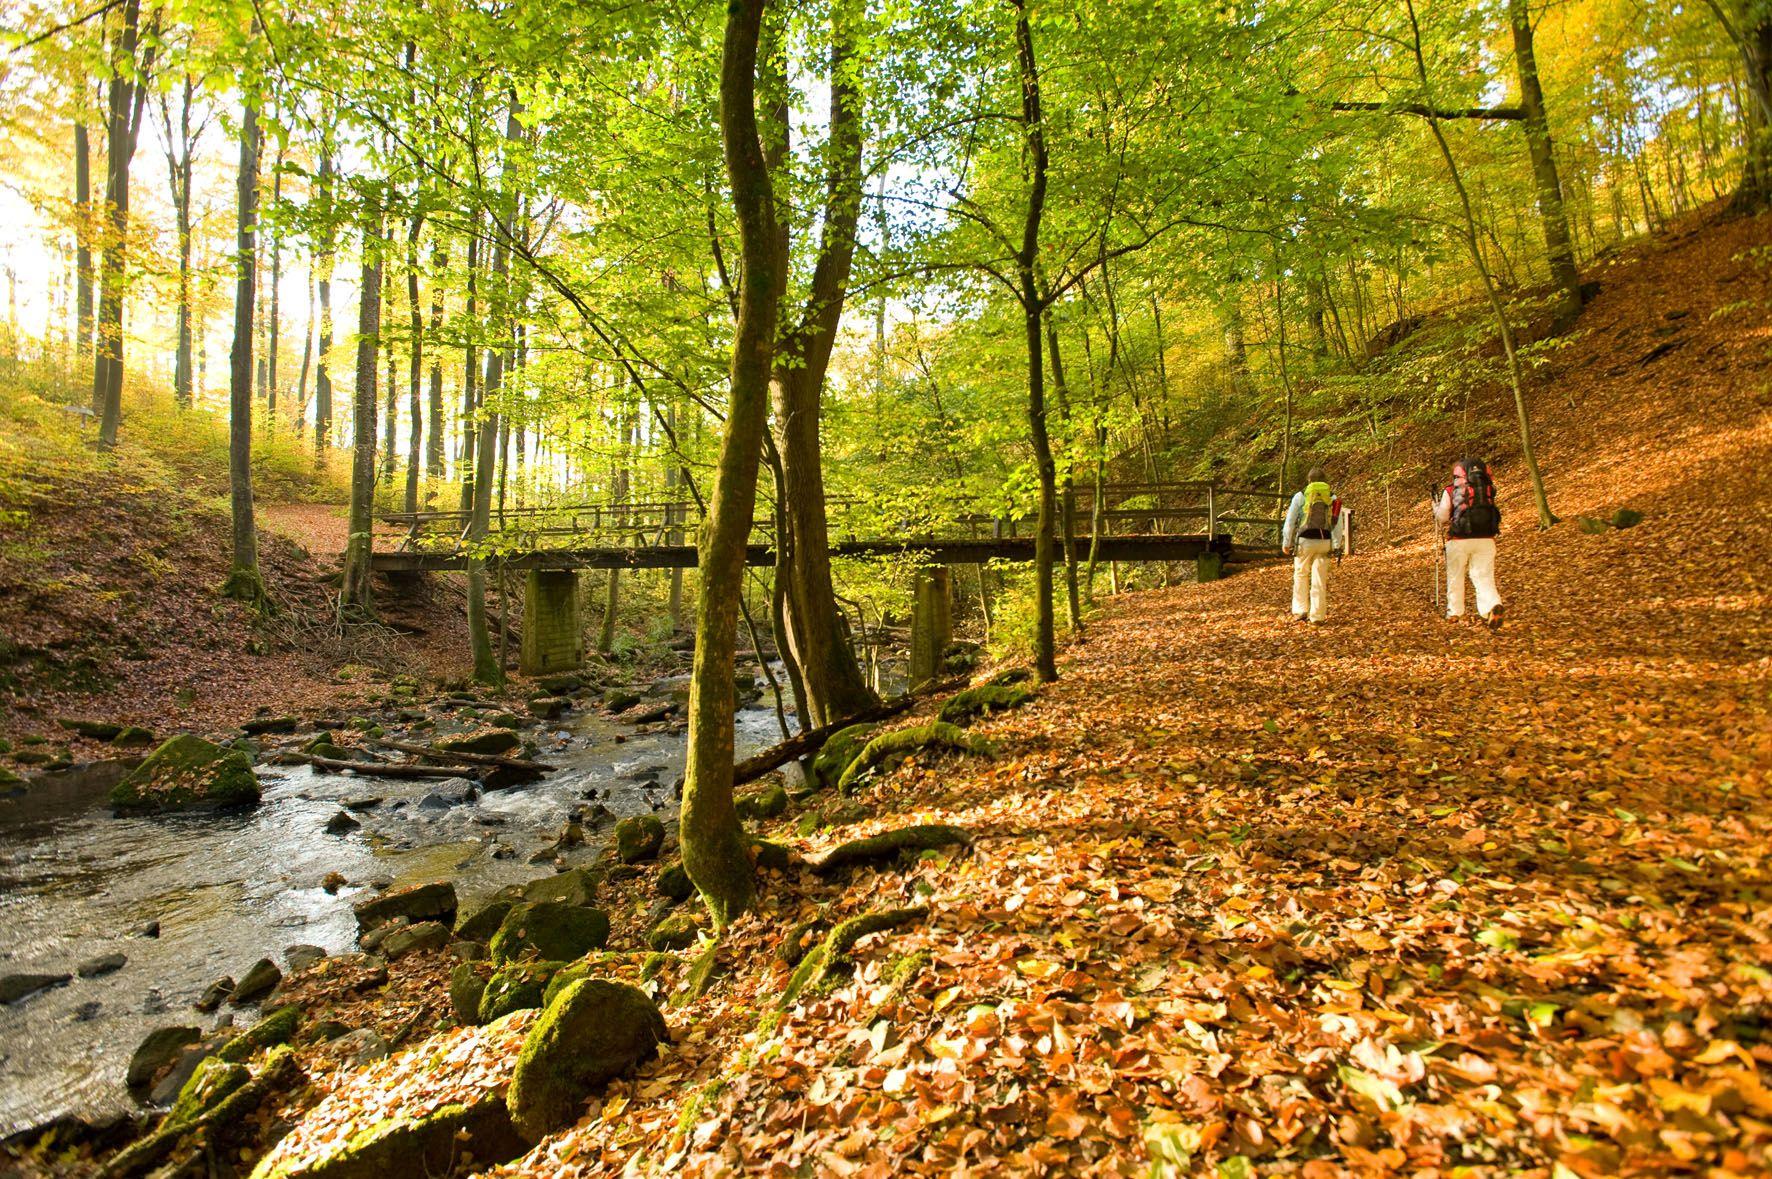 Wandelen door de Holzbachkloof op de WesterwaldSteig bij Seck, Westerwald